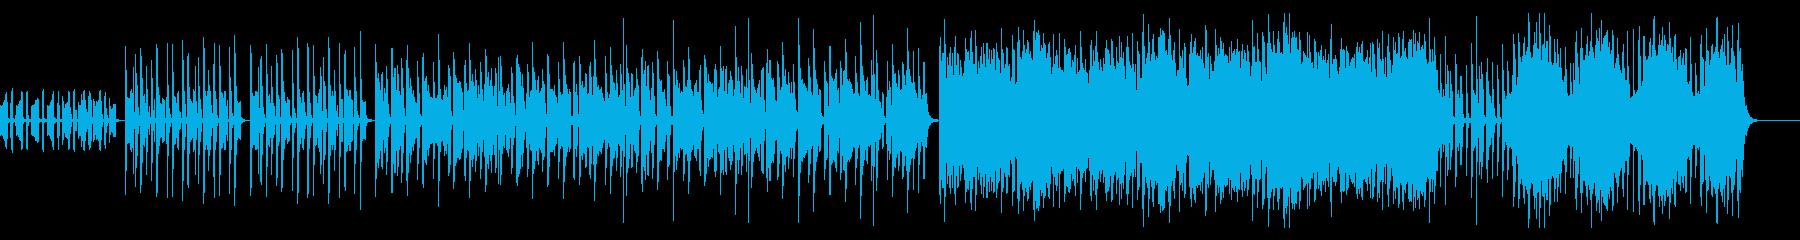 3拍子 物悲しい の再生済みの波形